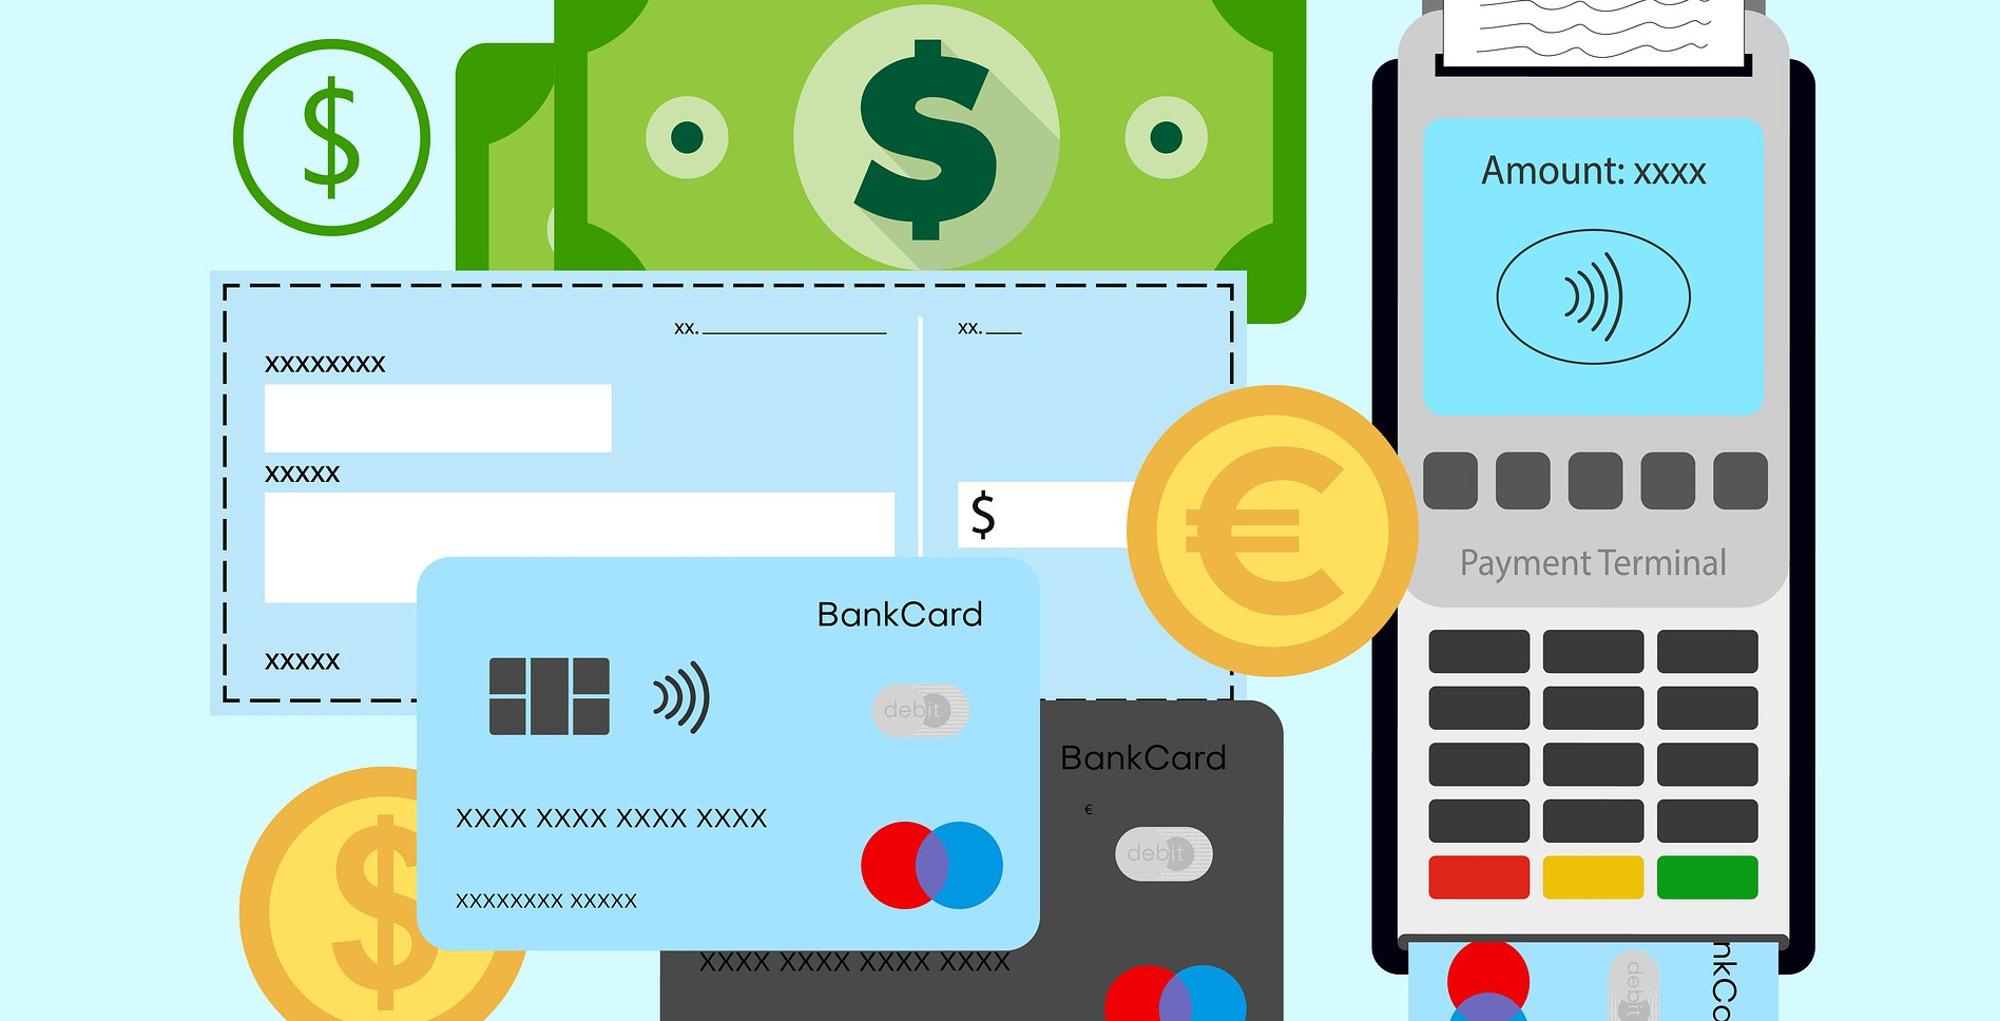 Geldscheine, Kreditkarte, Kartenzahlgerät im Comic-Style, nebeneinander angeordnet